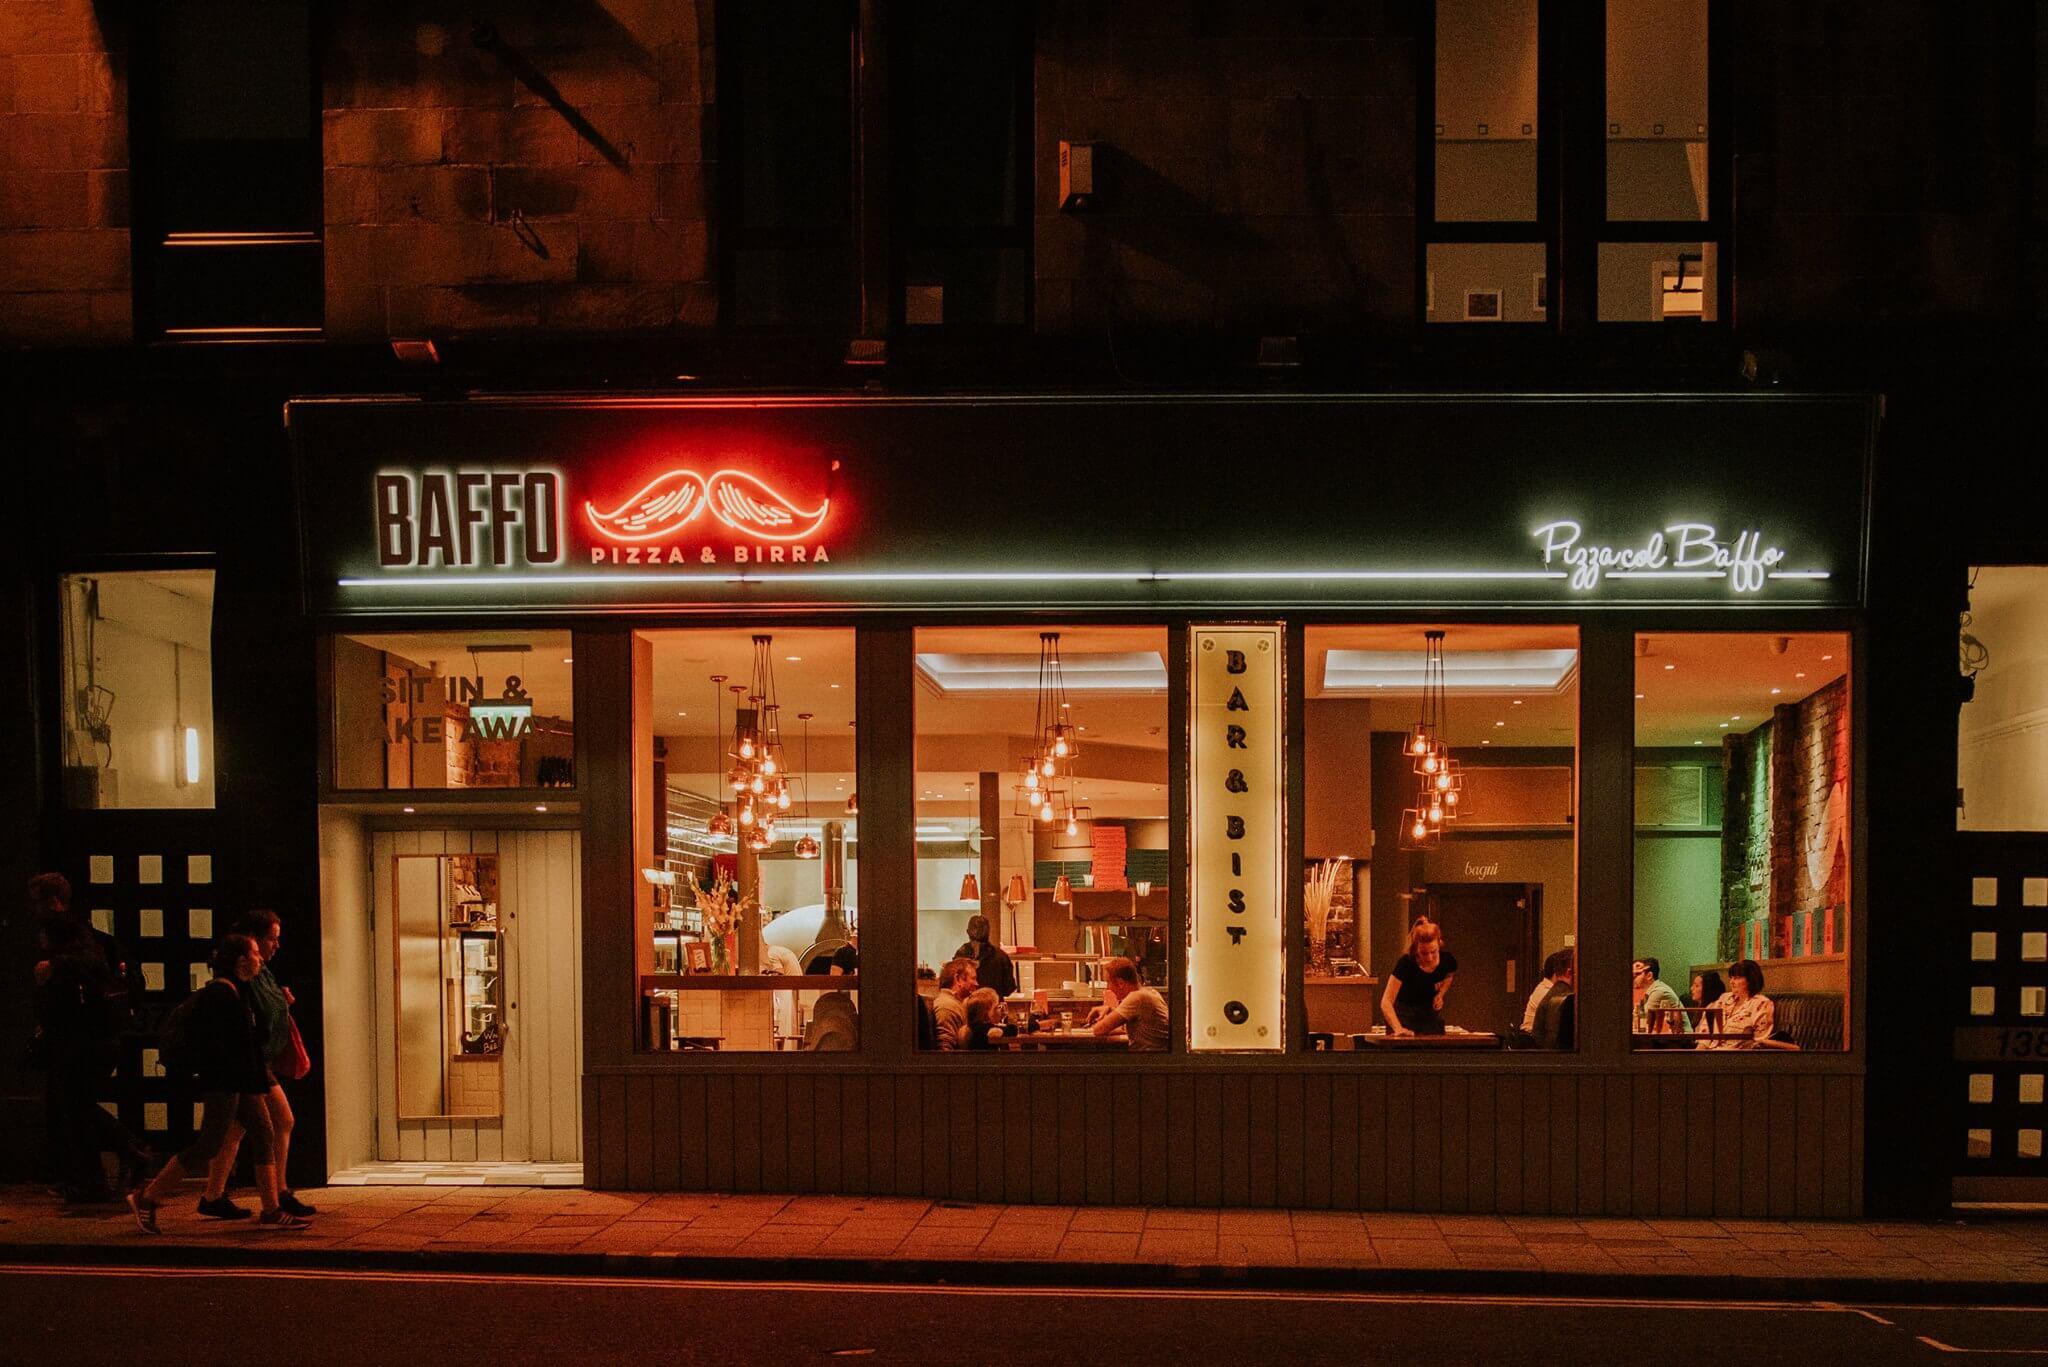 |Baffo Pizza Glasgow|Baffo Pizza Glasgow Outside Shopfront|Baffo Pizza Glasgow Pizza and Beer|Baffo Pizza Glasgow Sharing Pizza